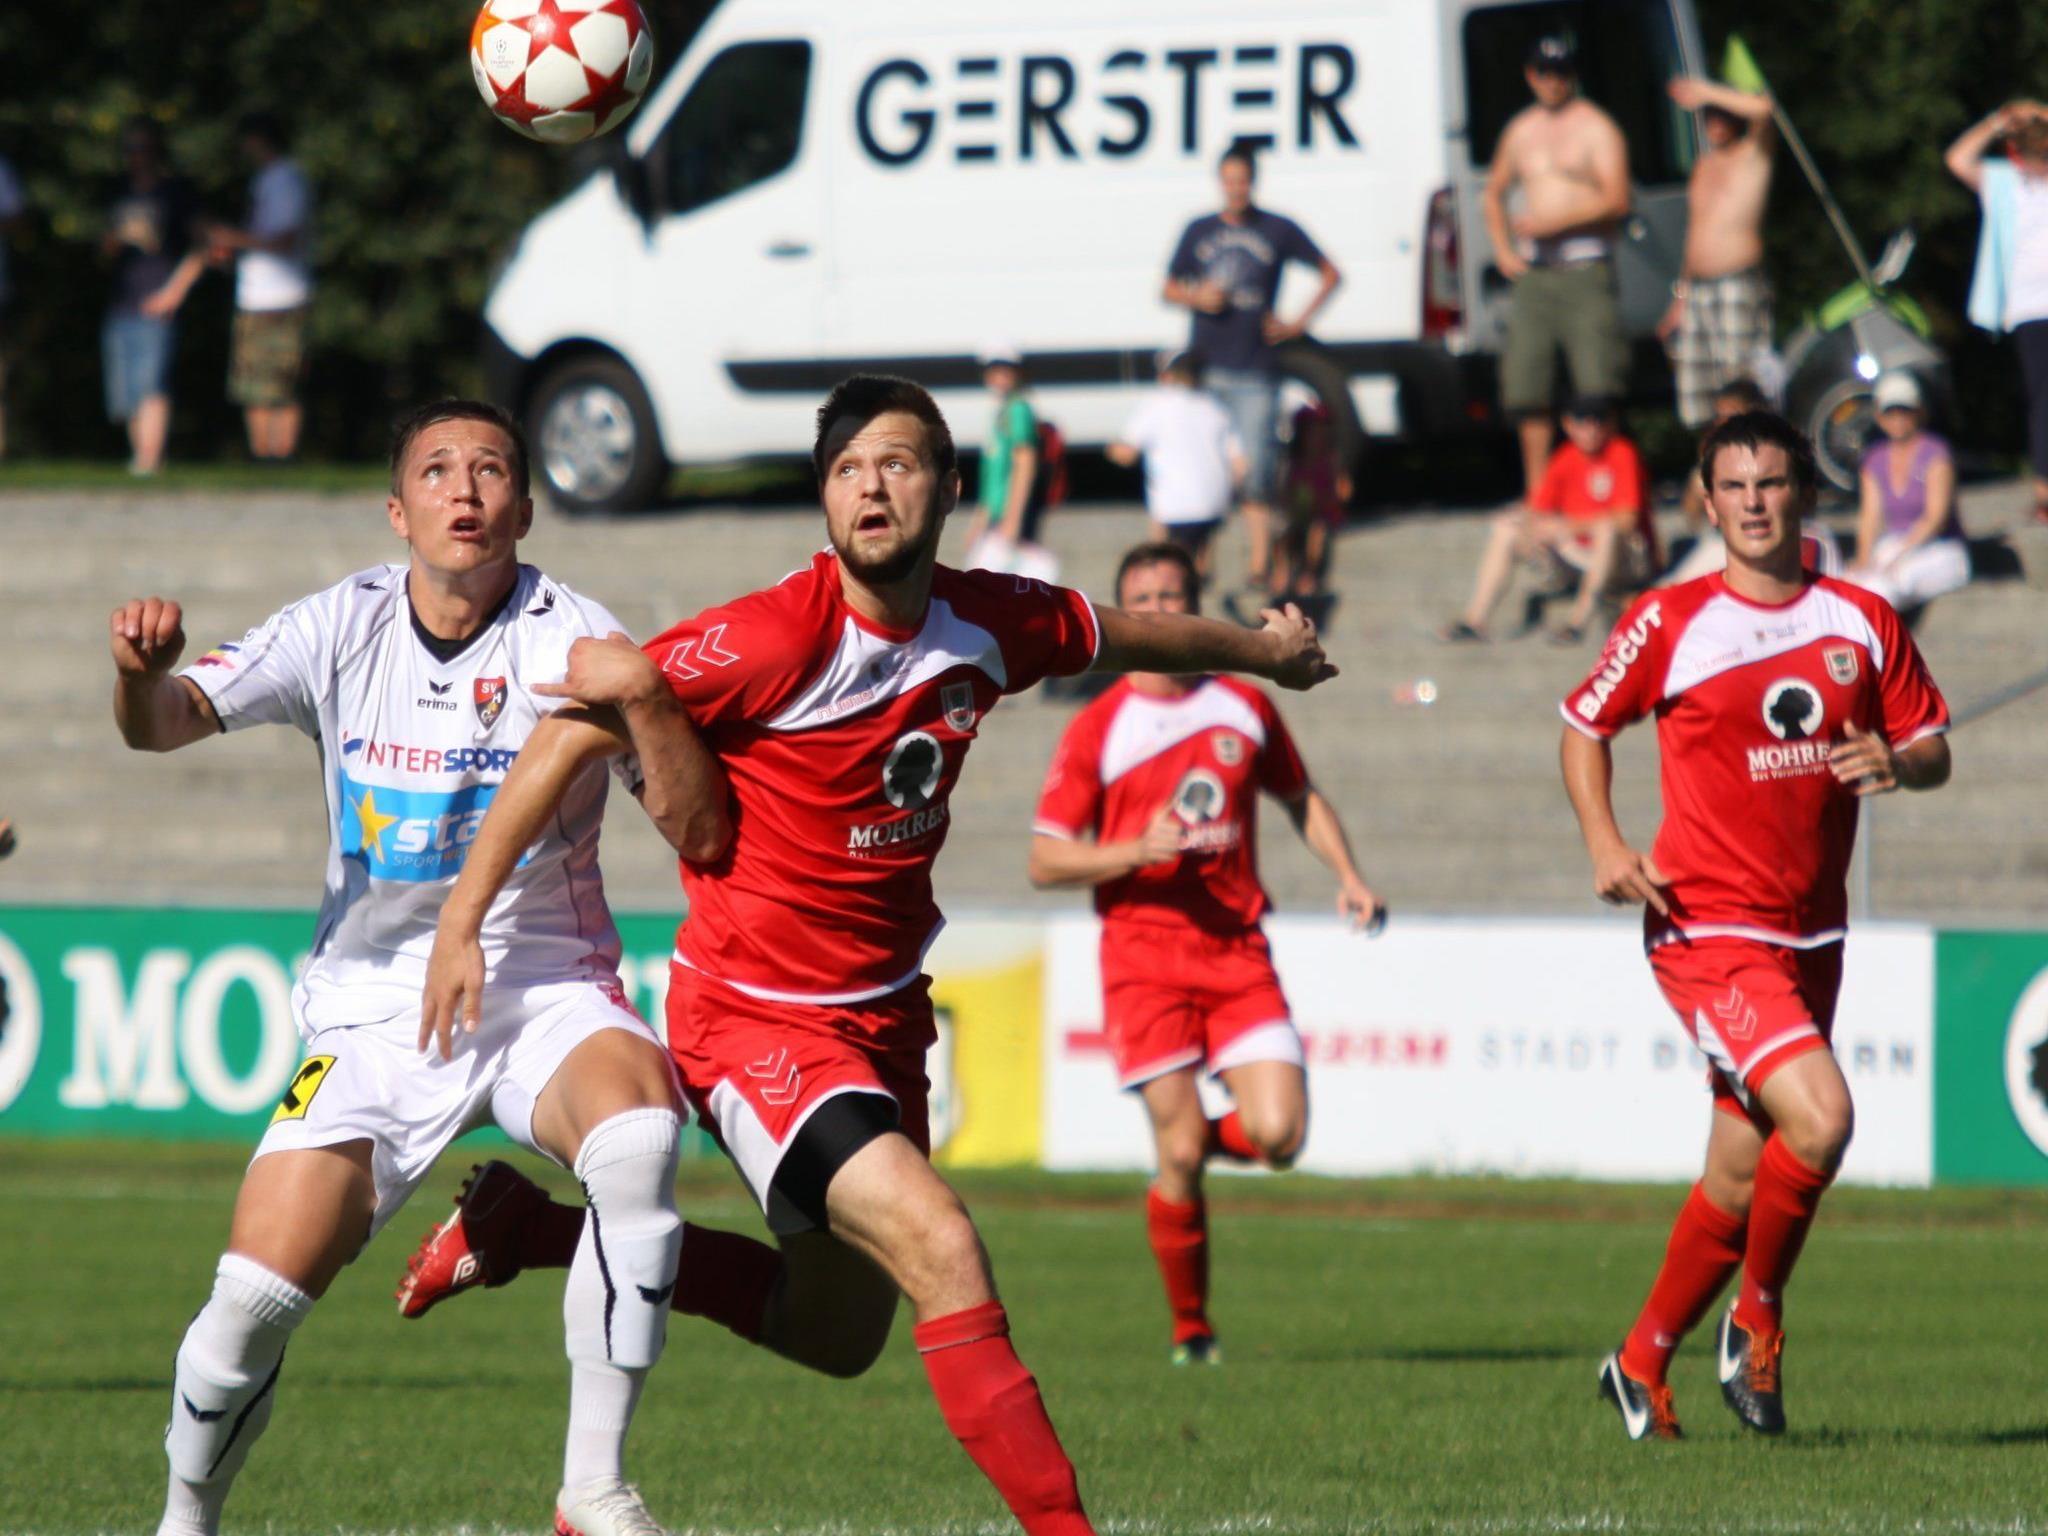 Nach der RLW-Aufkündigung gibt es aus Tirol vermutlich heuer keinen Aufsteiger.